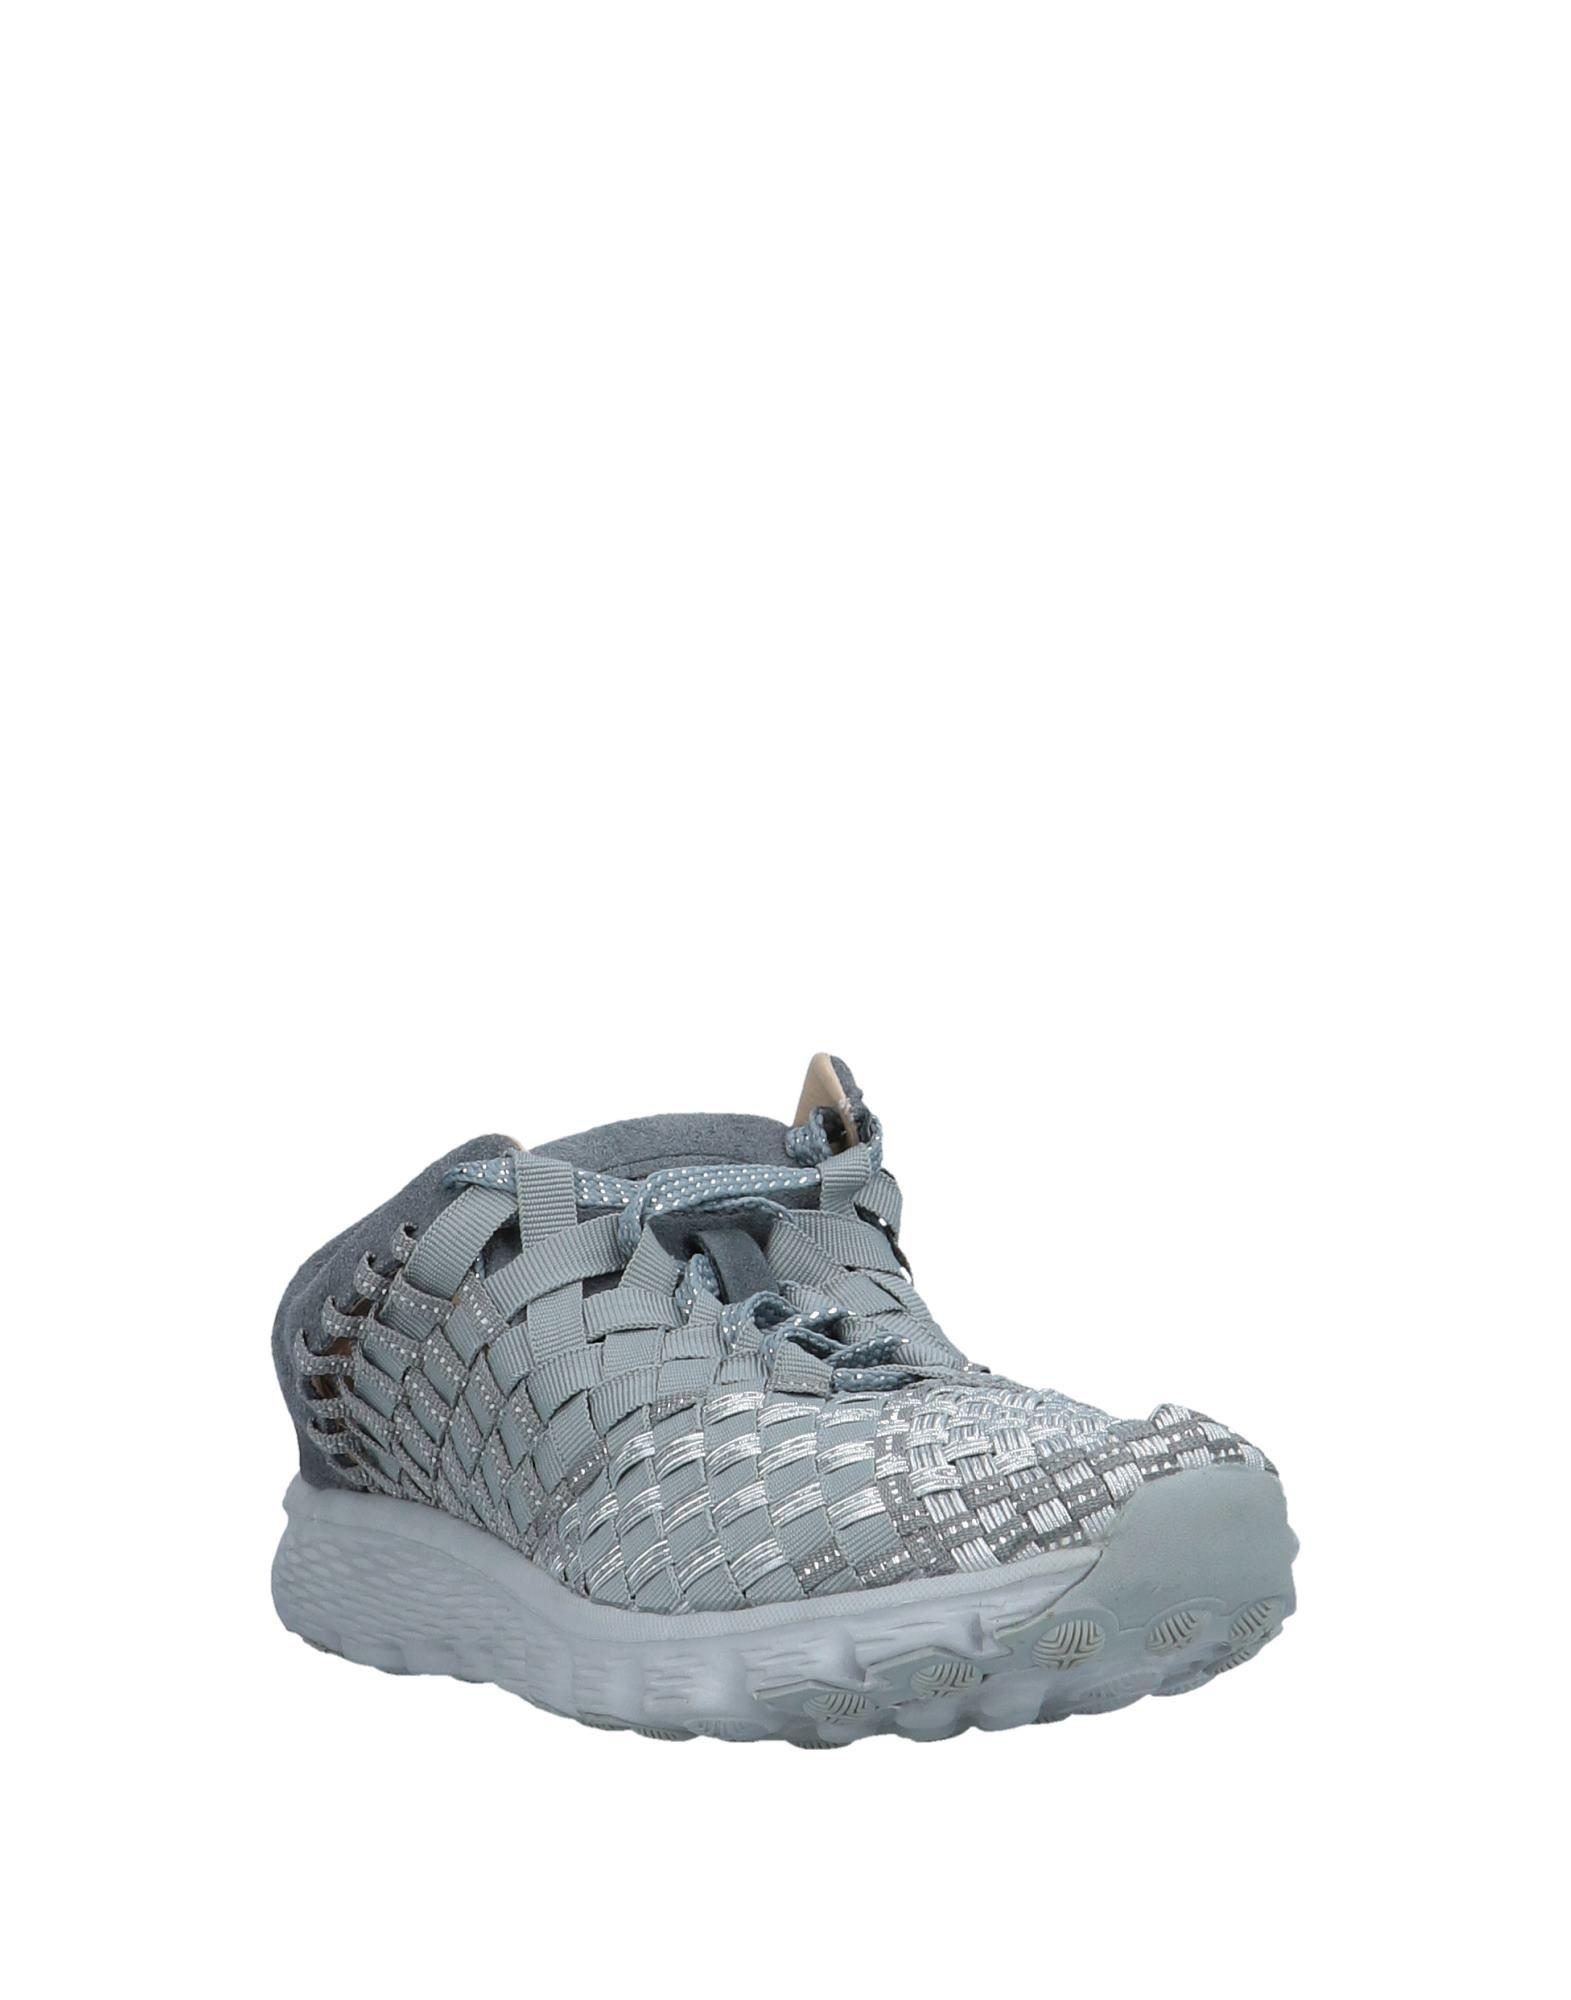 Rock Spring Sneakers Qualität Damen  11561182BX Gute Qualität Sneakers beliebte Schuhe 322969